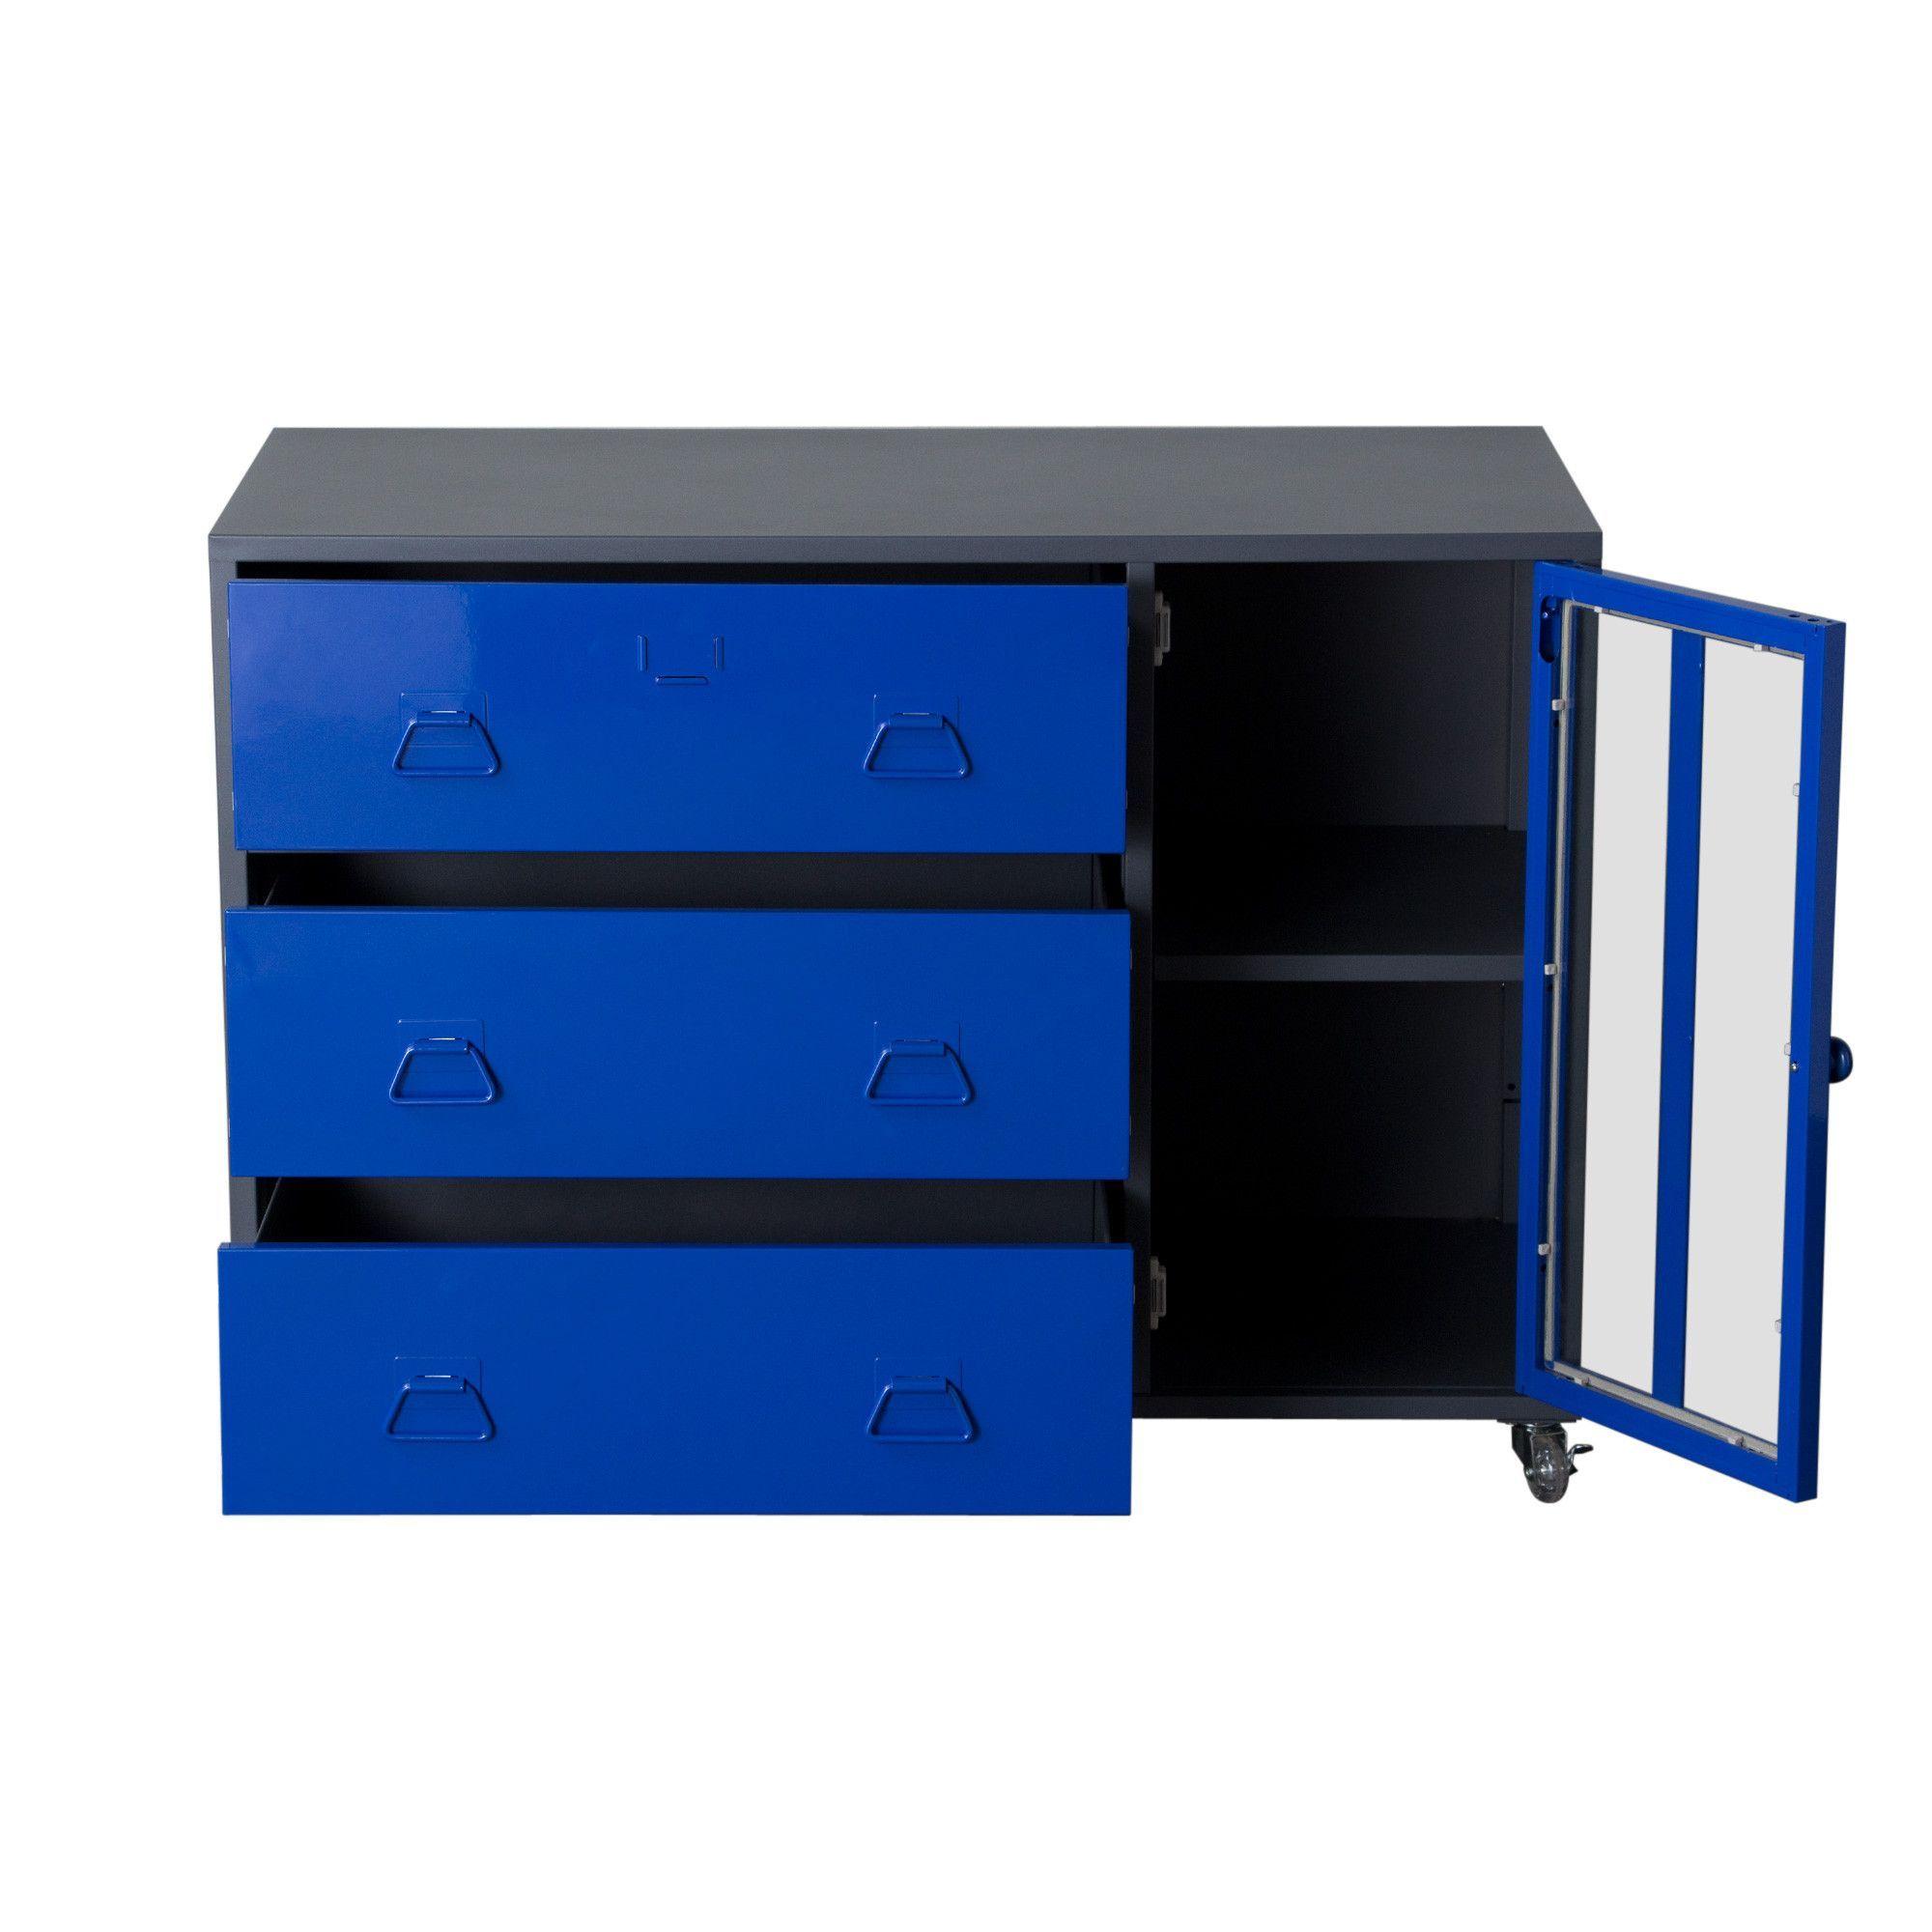 Door drawer castered storage cabinet with tempered glass door